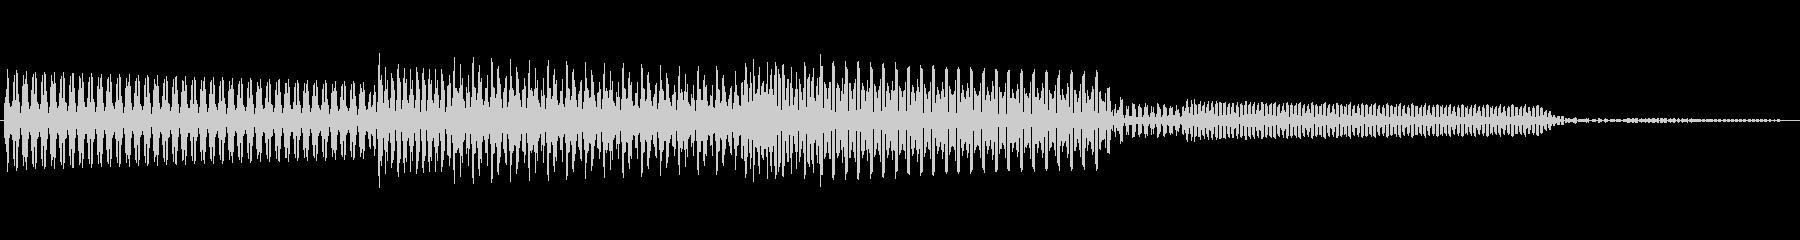 ボタン決定音システム選択タッチ登録B02の未再生の波形